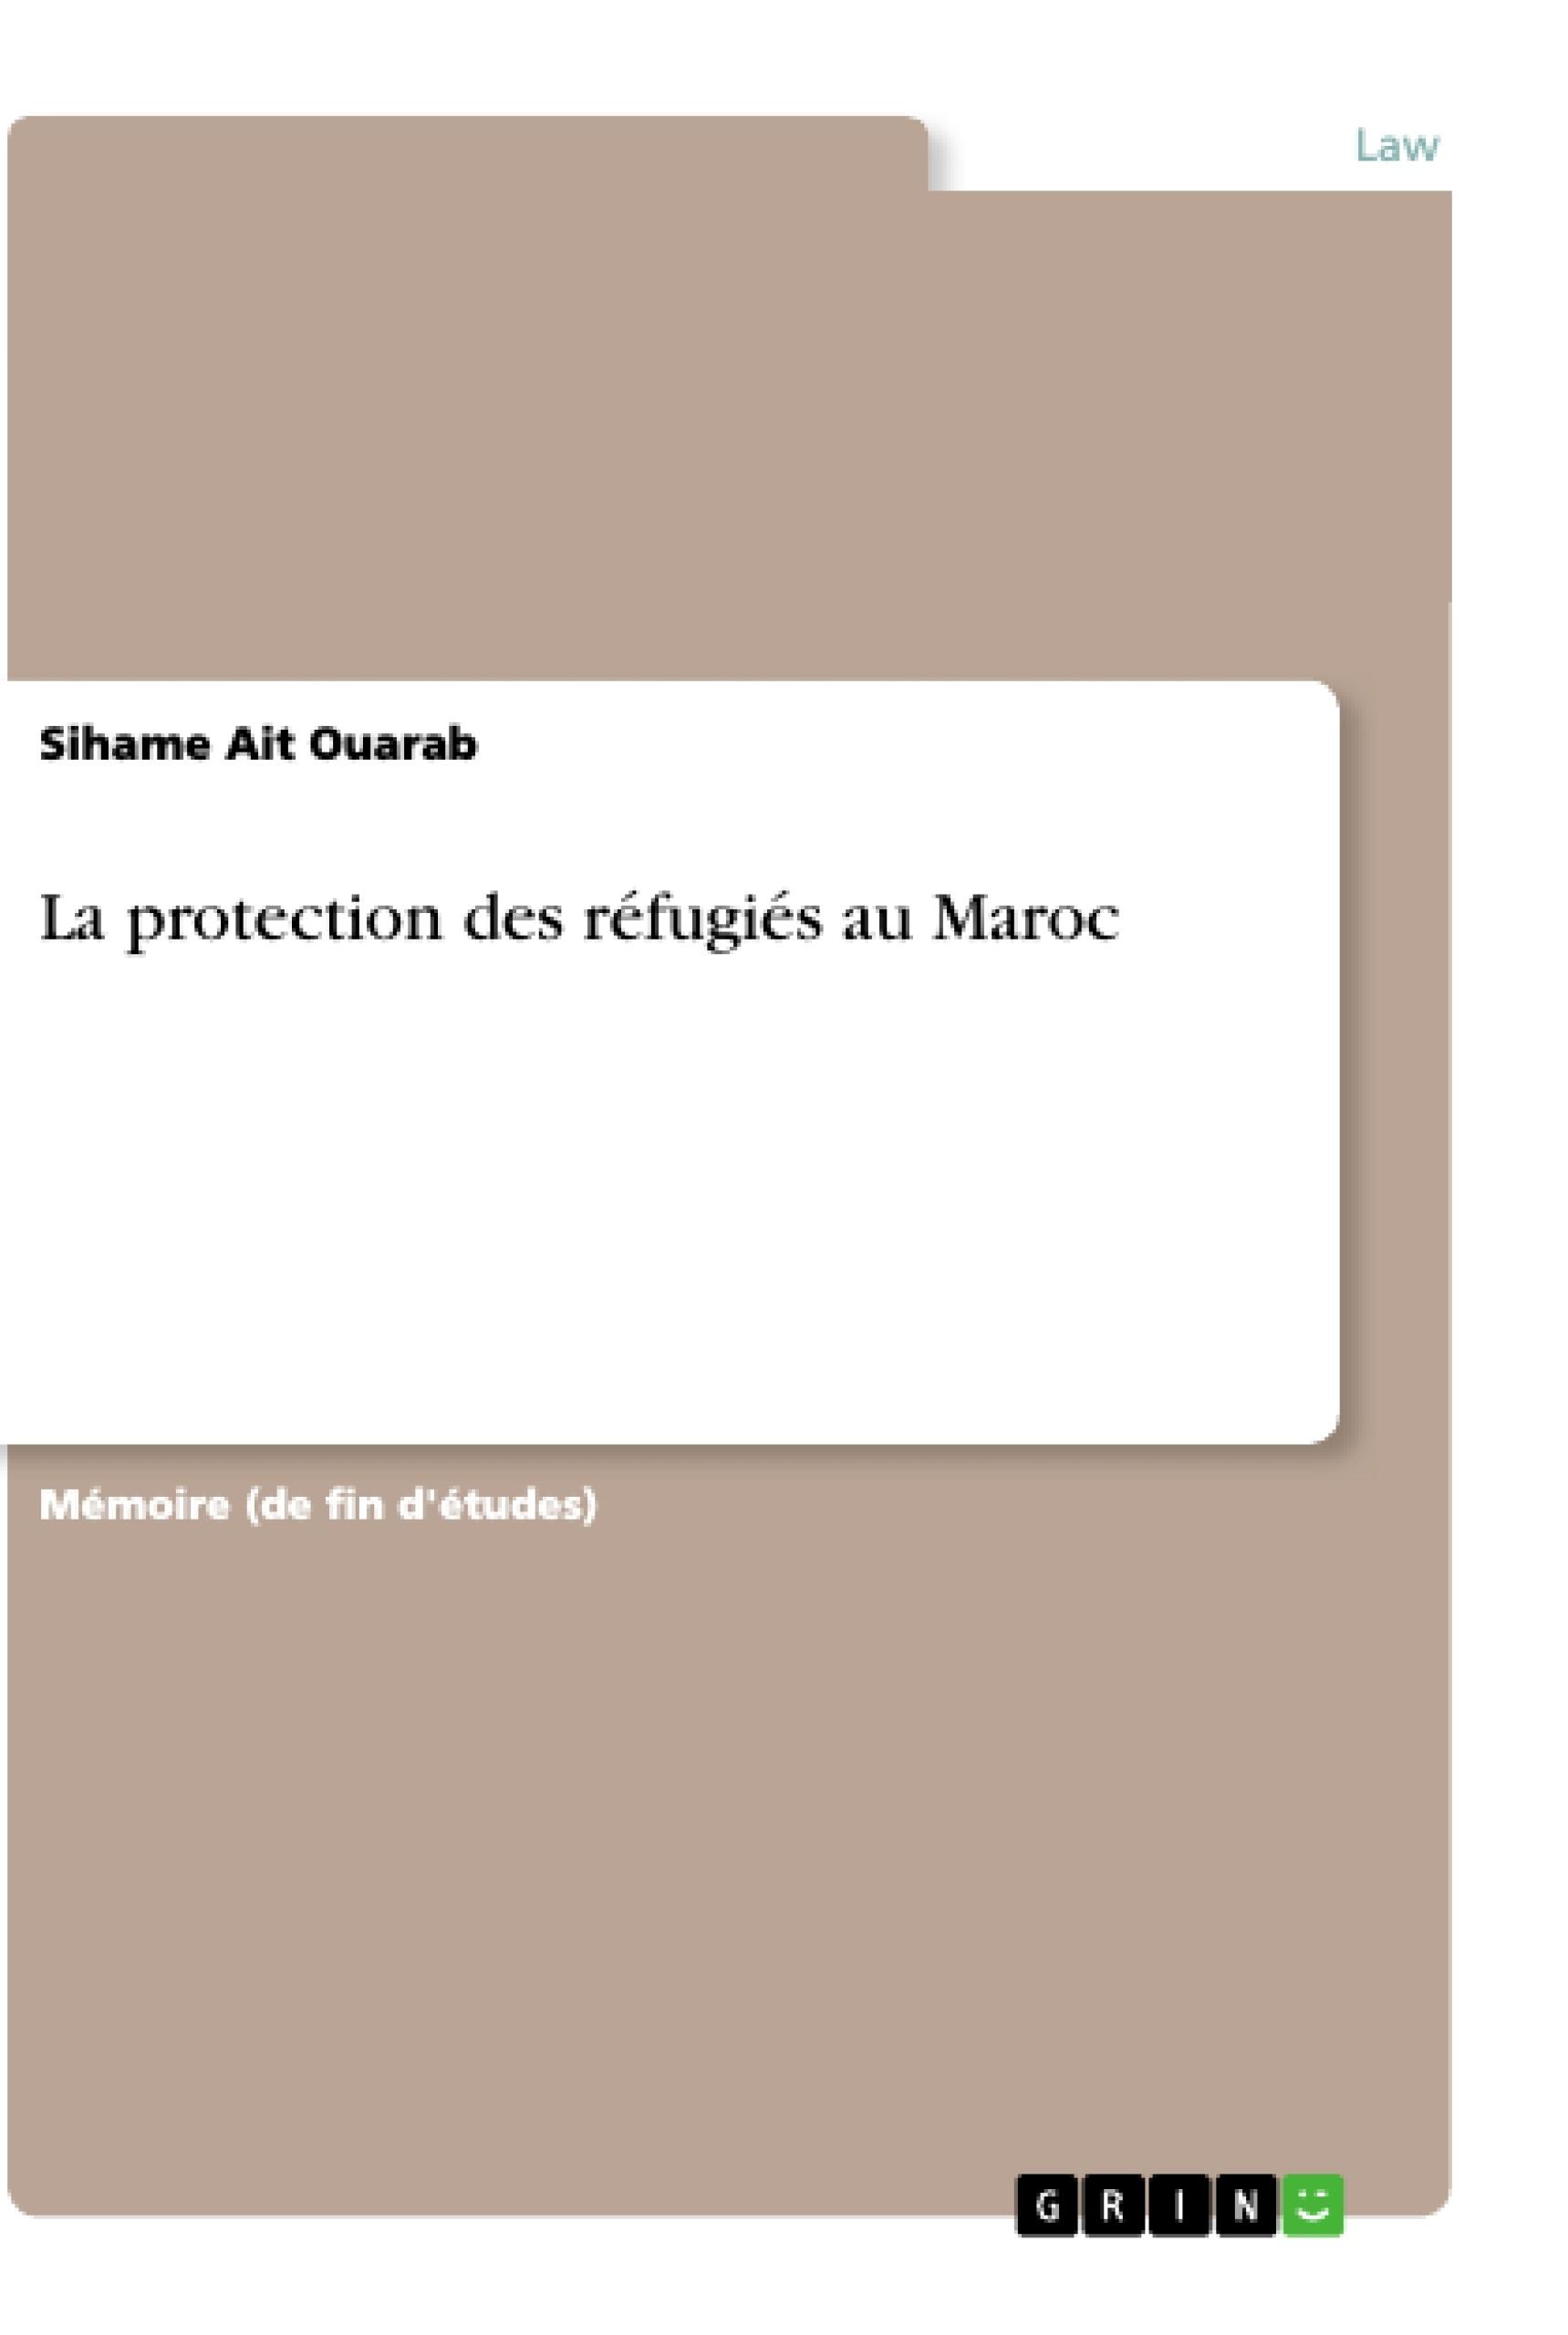 Titre: La protection des réfugiés au Maroc